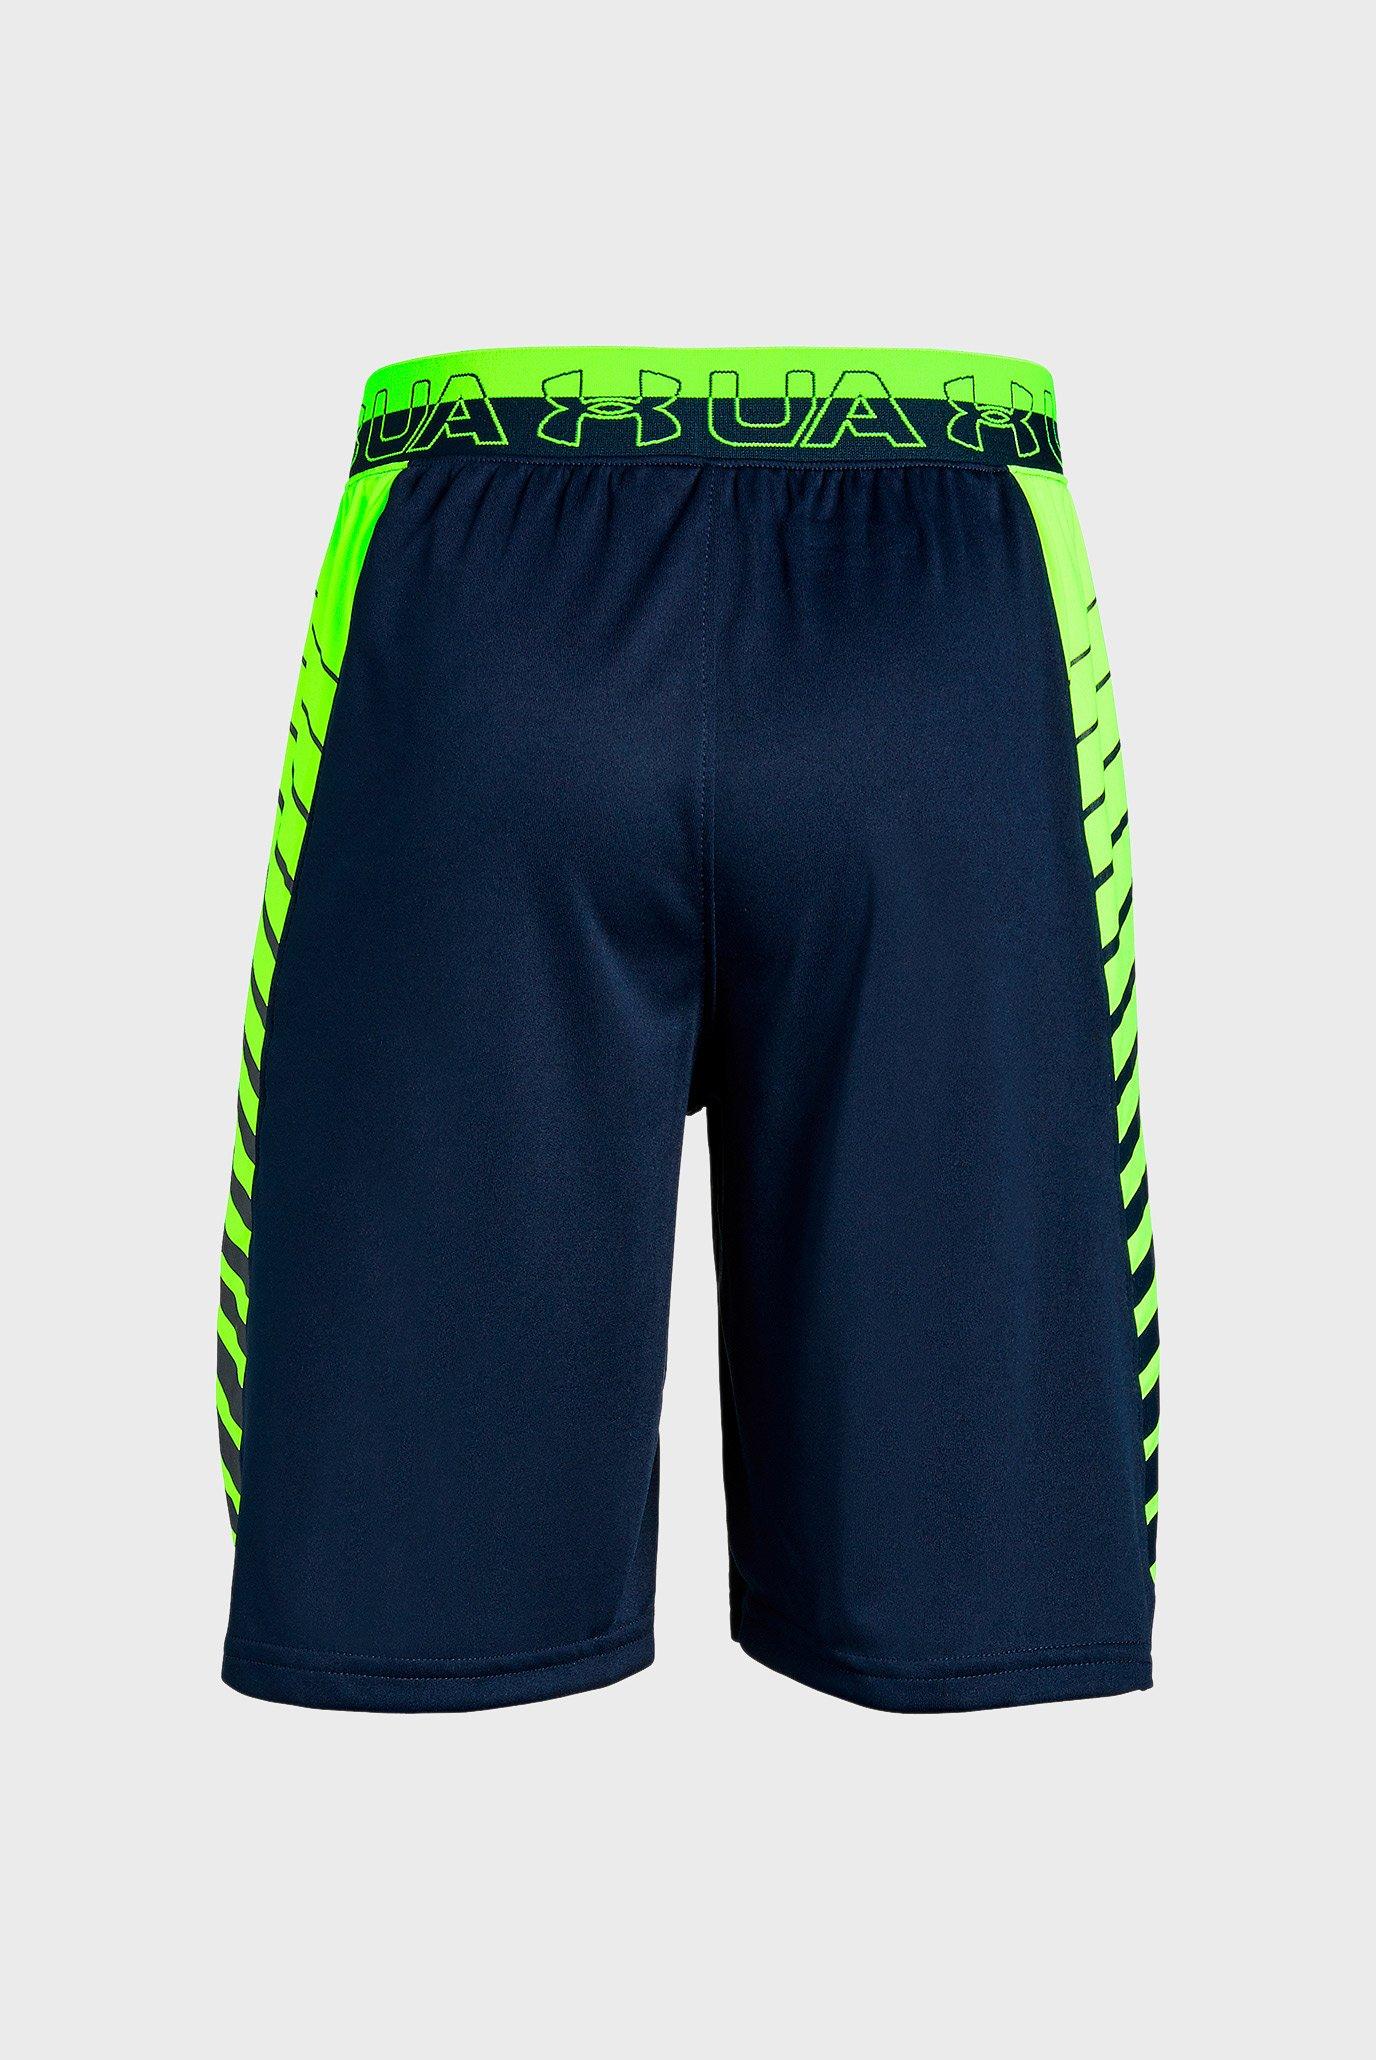 Купить Детские темно-синие шорты MK1 Short Under Armour Under Armour 1329008-408 – Киев, Украина. Цены в интернет магазине MD Fashion